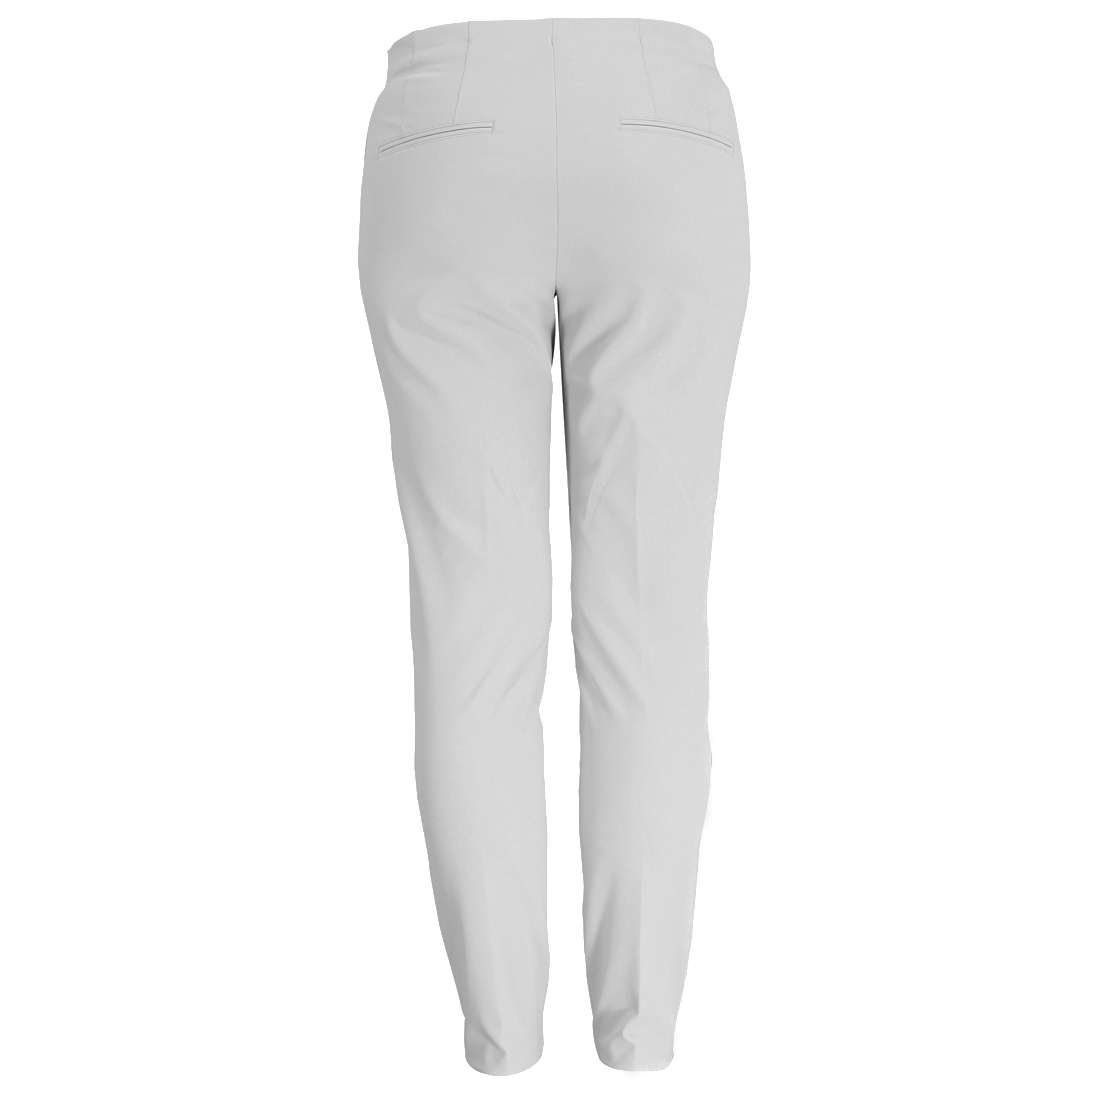 Image of Gardeur broek ZENE1 61422 in het Grijs